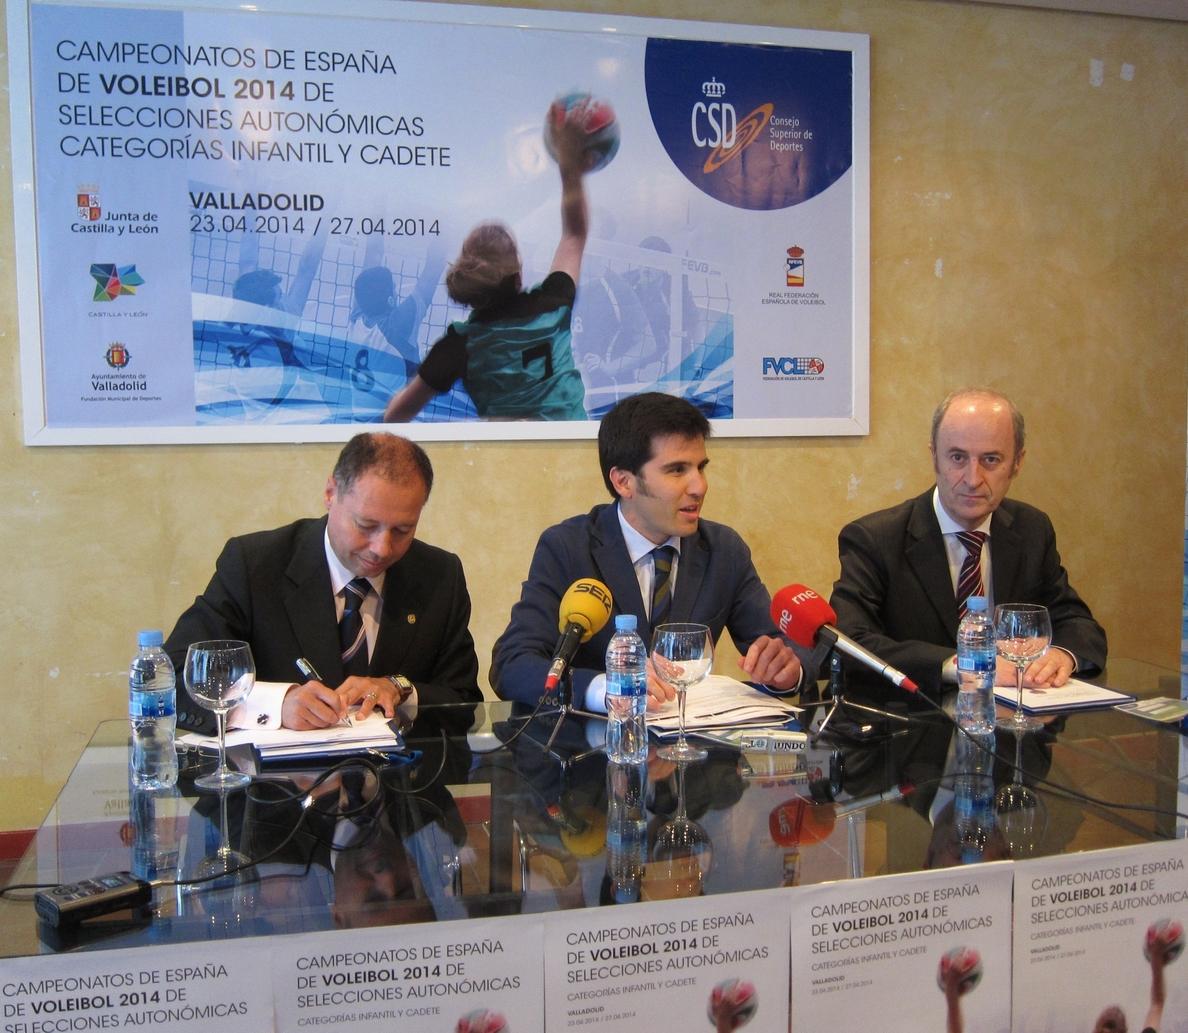 El Campeonato autonómico Infantil y Cadete de Voleibol espera atraer a «3.000 personas» a Valladolid